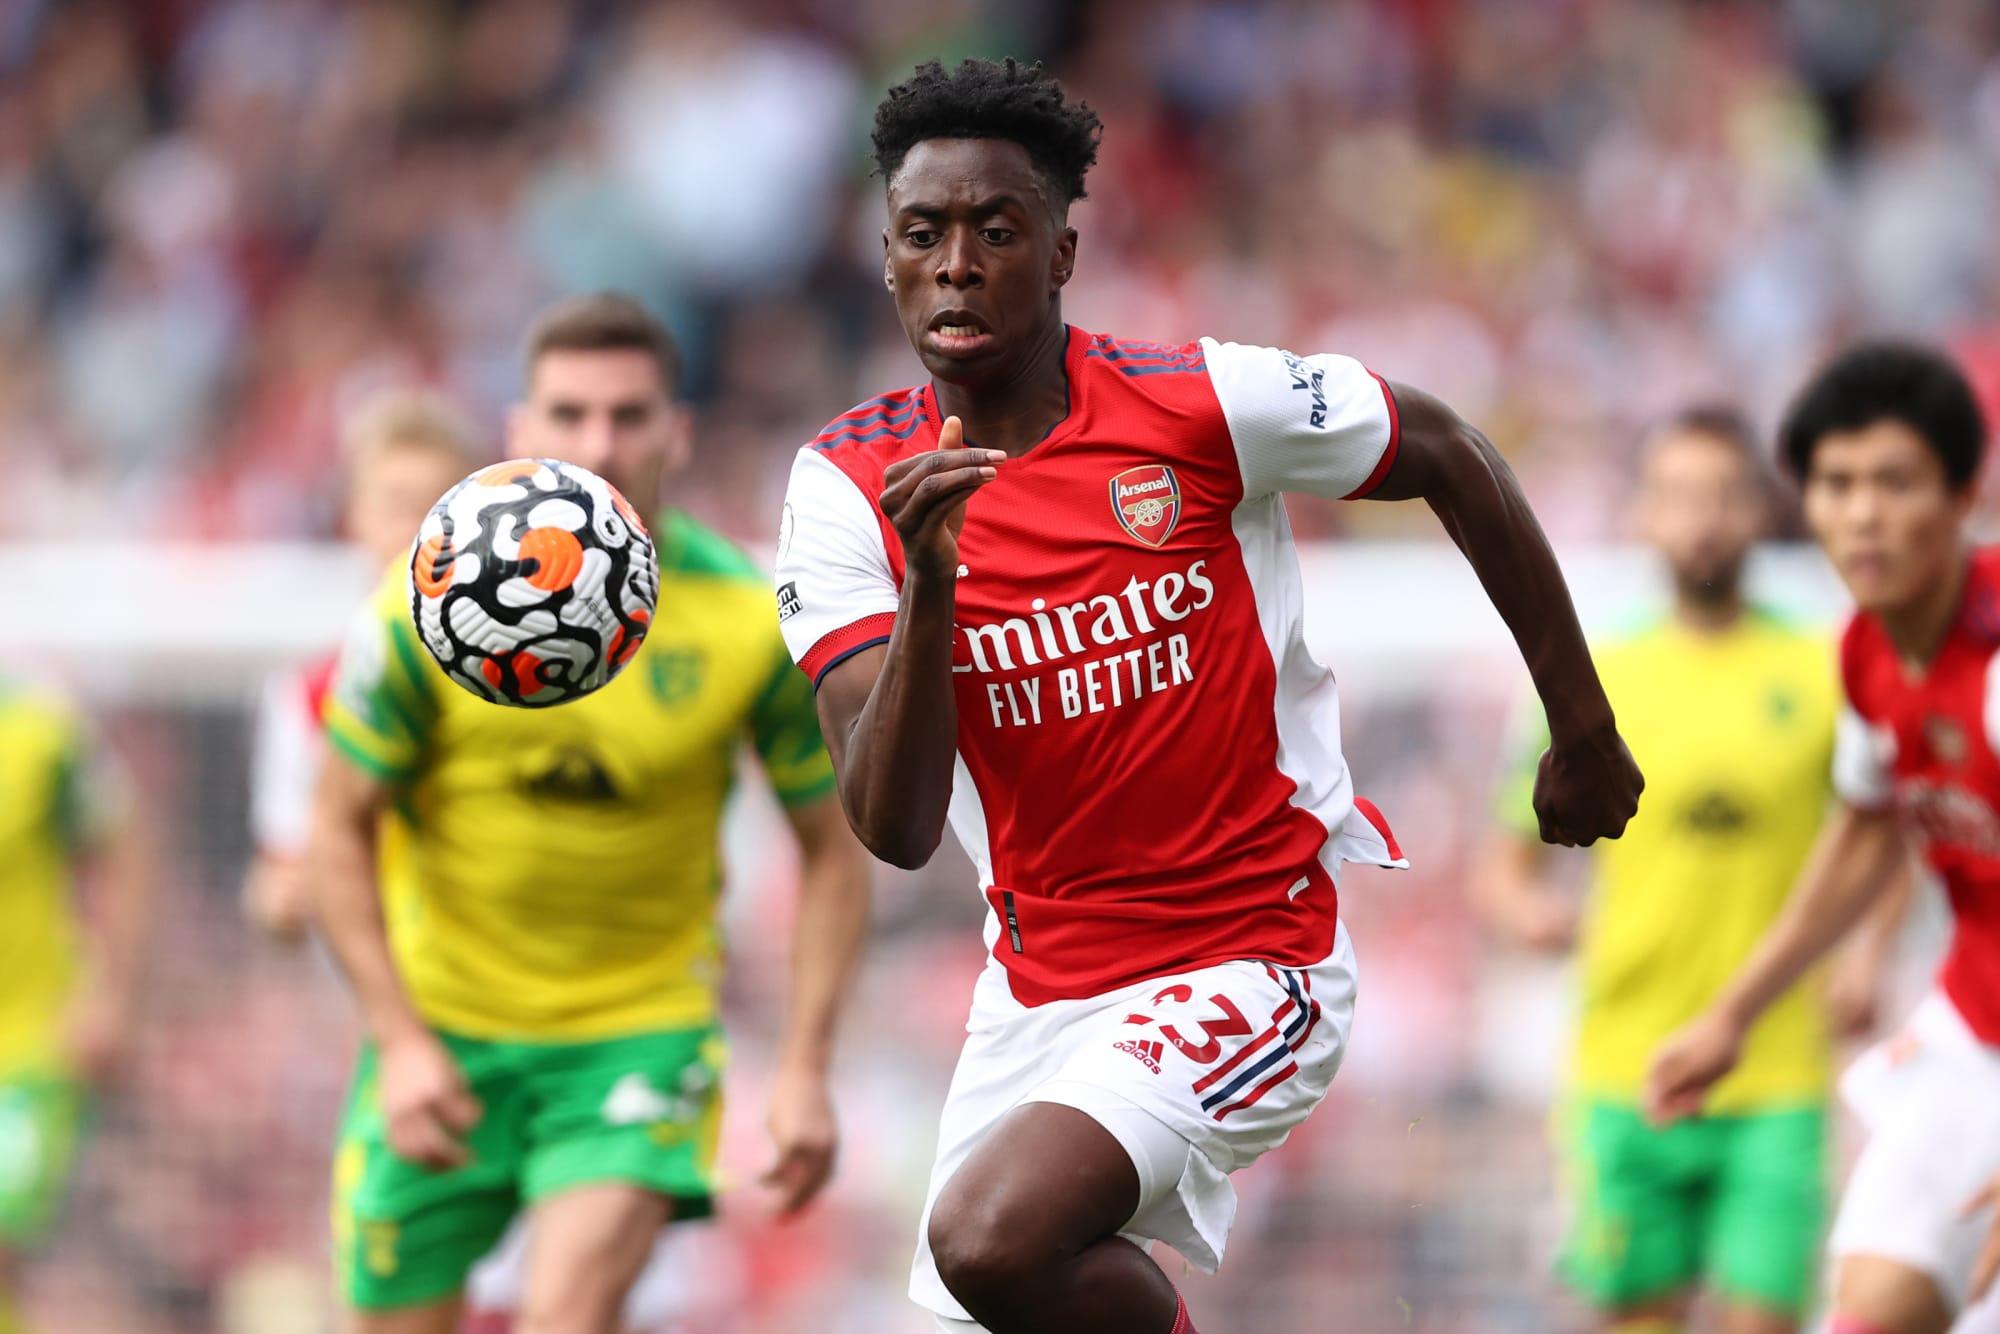 Arsenal: 3 improvements for Sambi Lokonga to make